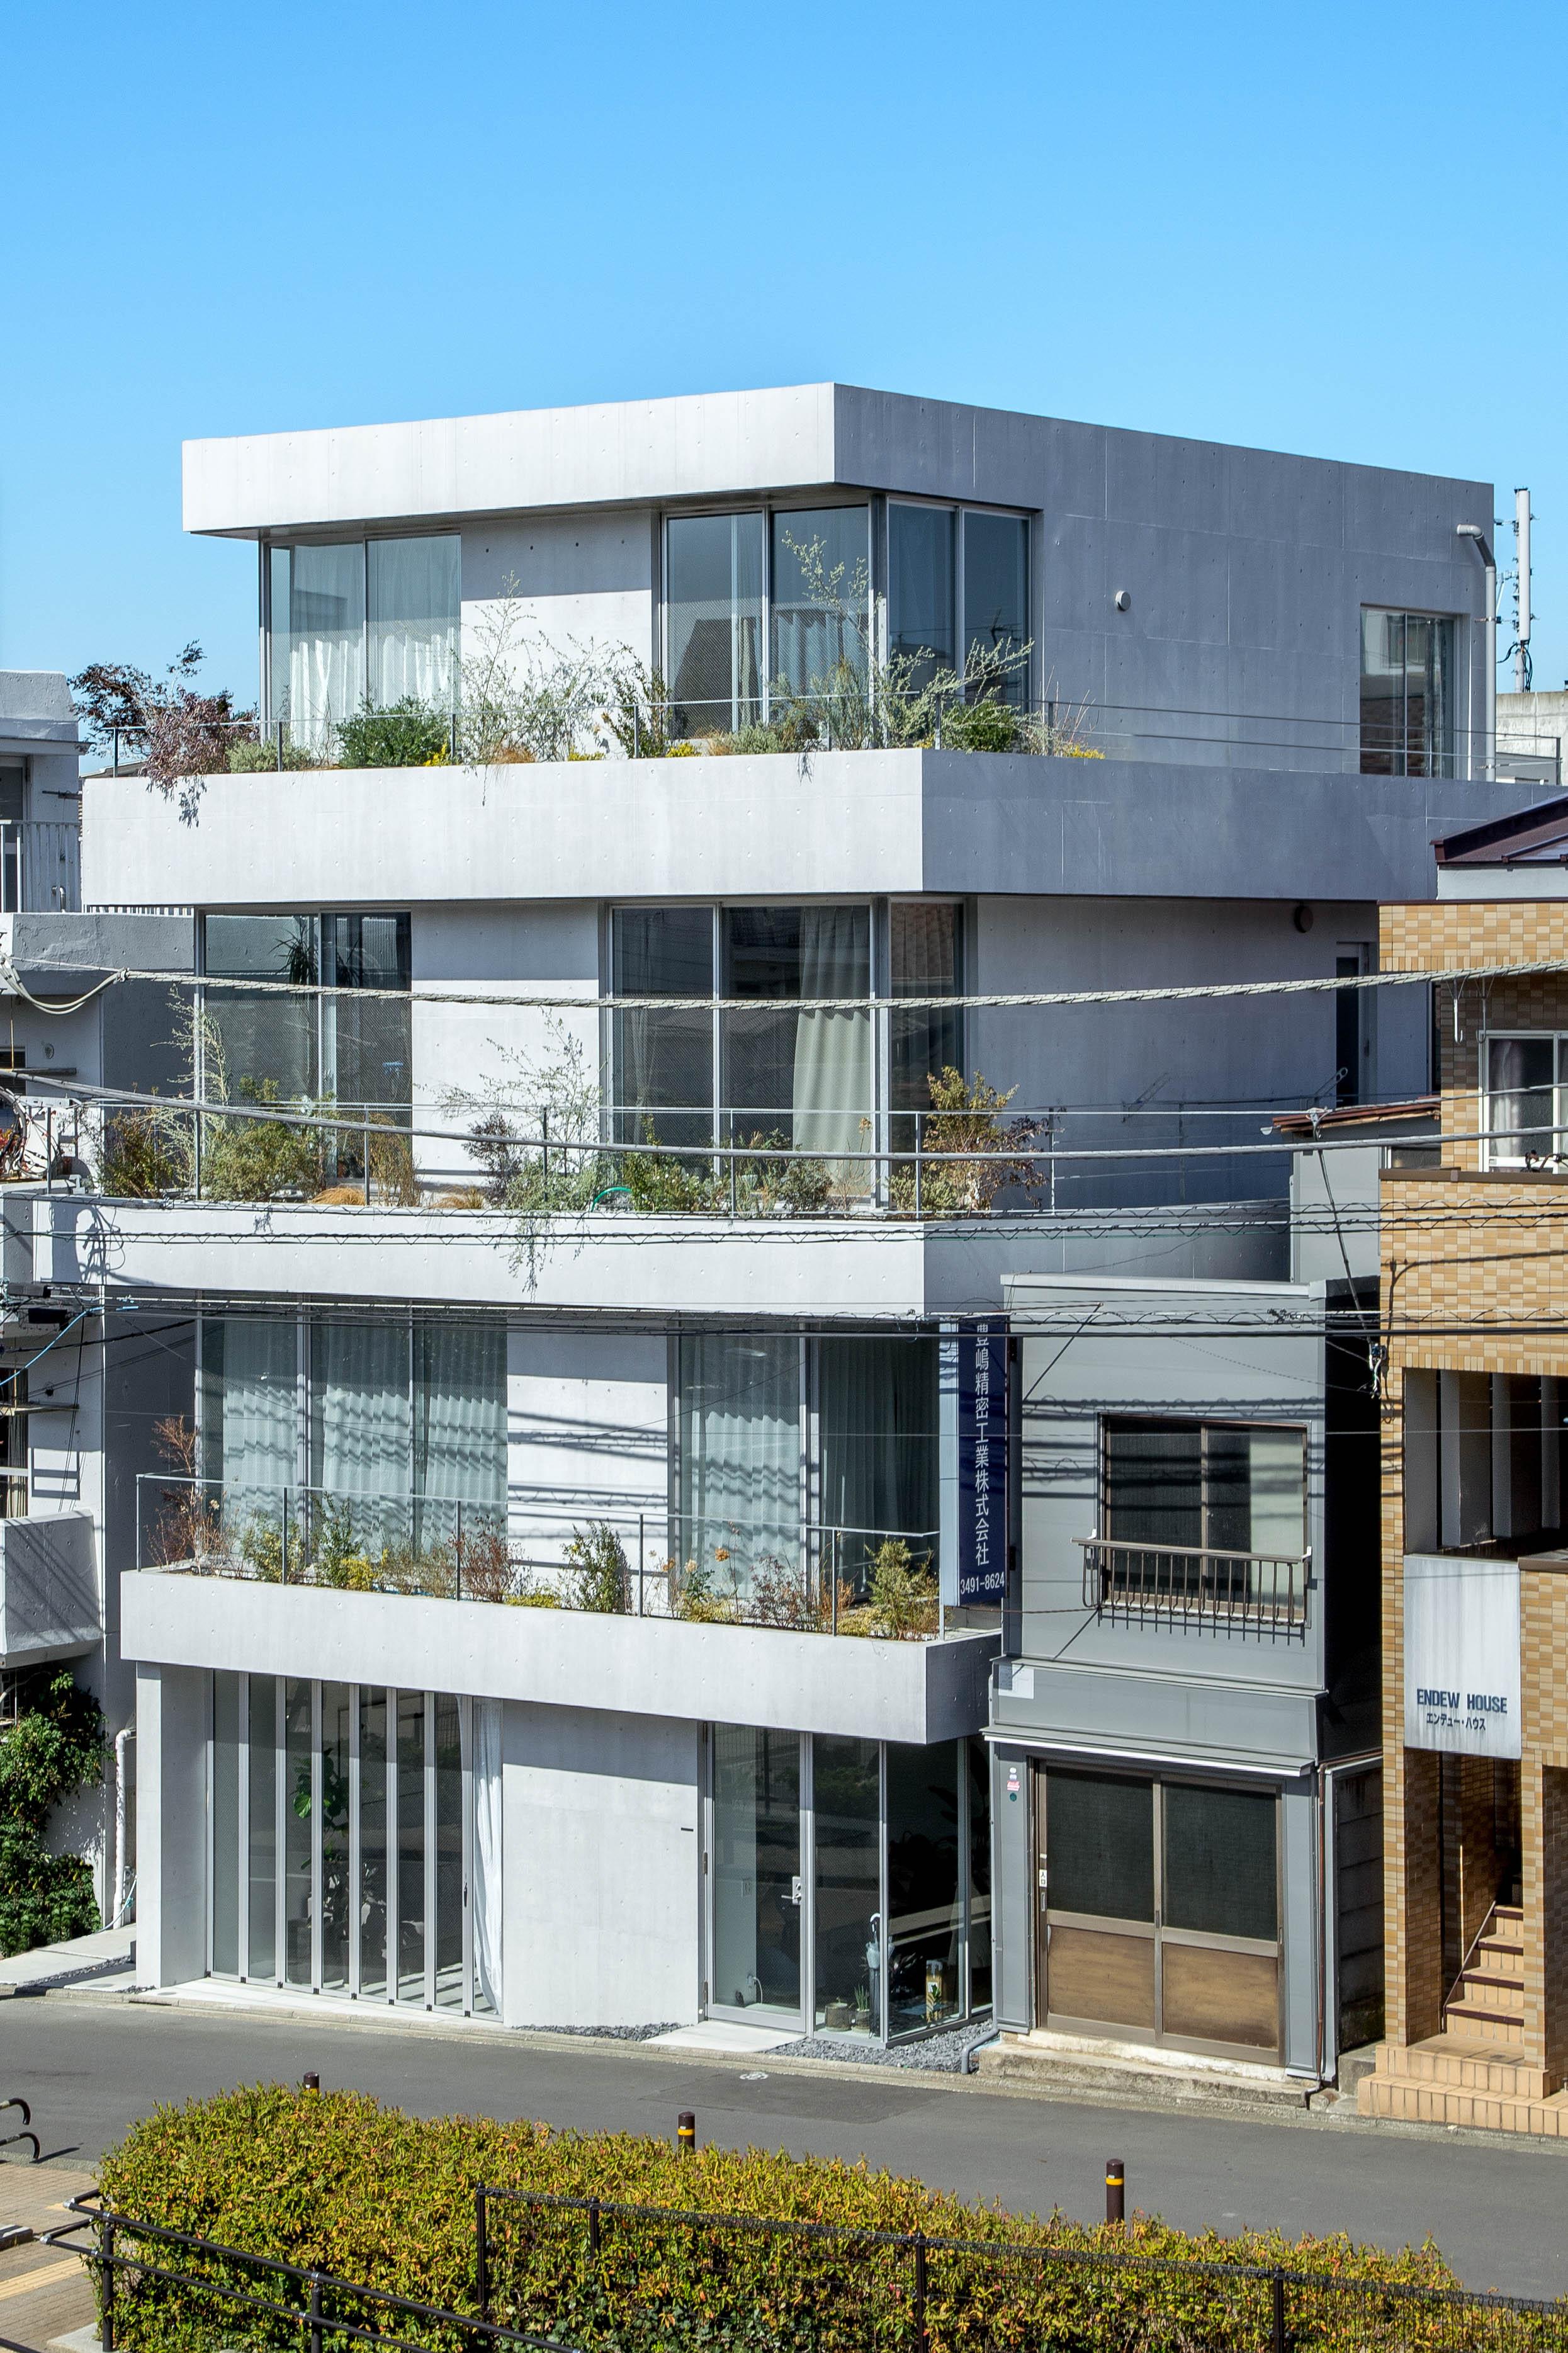 bydesign Office - bydesign のオフィスは、個性的な家具のお店が立ち並ぶ目黒通りにほど近い、不動前にあります。このオフィスの建物は、世界的に有名な建築家、隈研吾氏の弟子である梅澤 竜也氏の設計によるもので、一際目立つ存在になっています。目の前は公園なので、開放感のあるオフィスです。またこちらは、かなでものプロダクトのショールーム兼スタジオになります。事業者様や設計会社様など、複数個口の発注をご計画されている法人様に関しては、ご予約のうえ、実際にサンプル商品をご覧いただくことが可能です。株式会社 bydesign (バイデザイン)141-0021 東京都品川区西五反田5-24-10 Kオフィス 1F